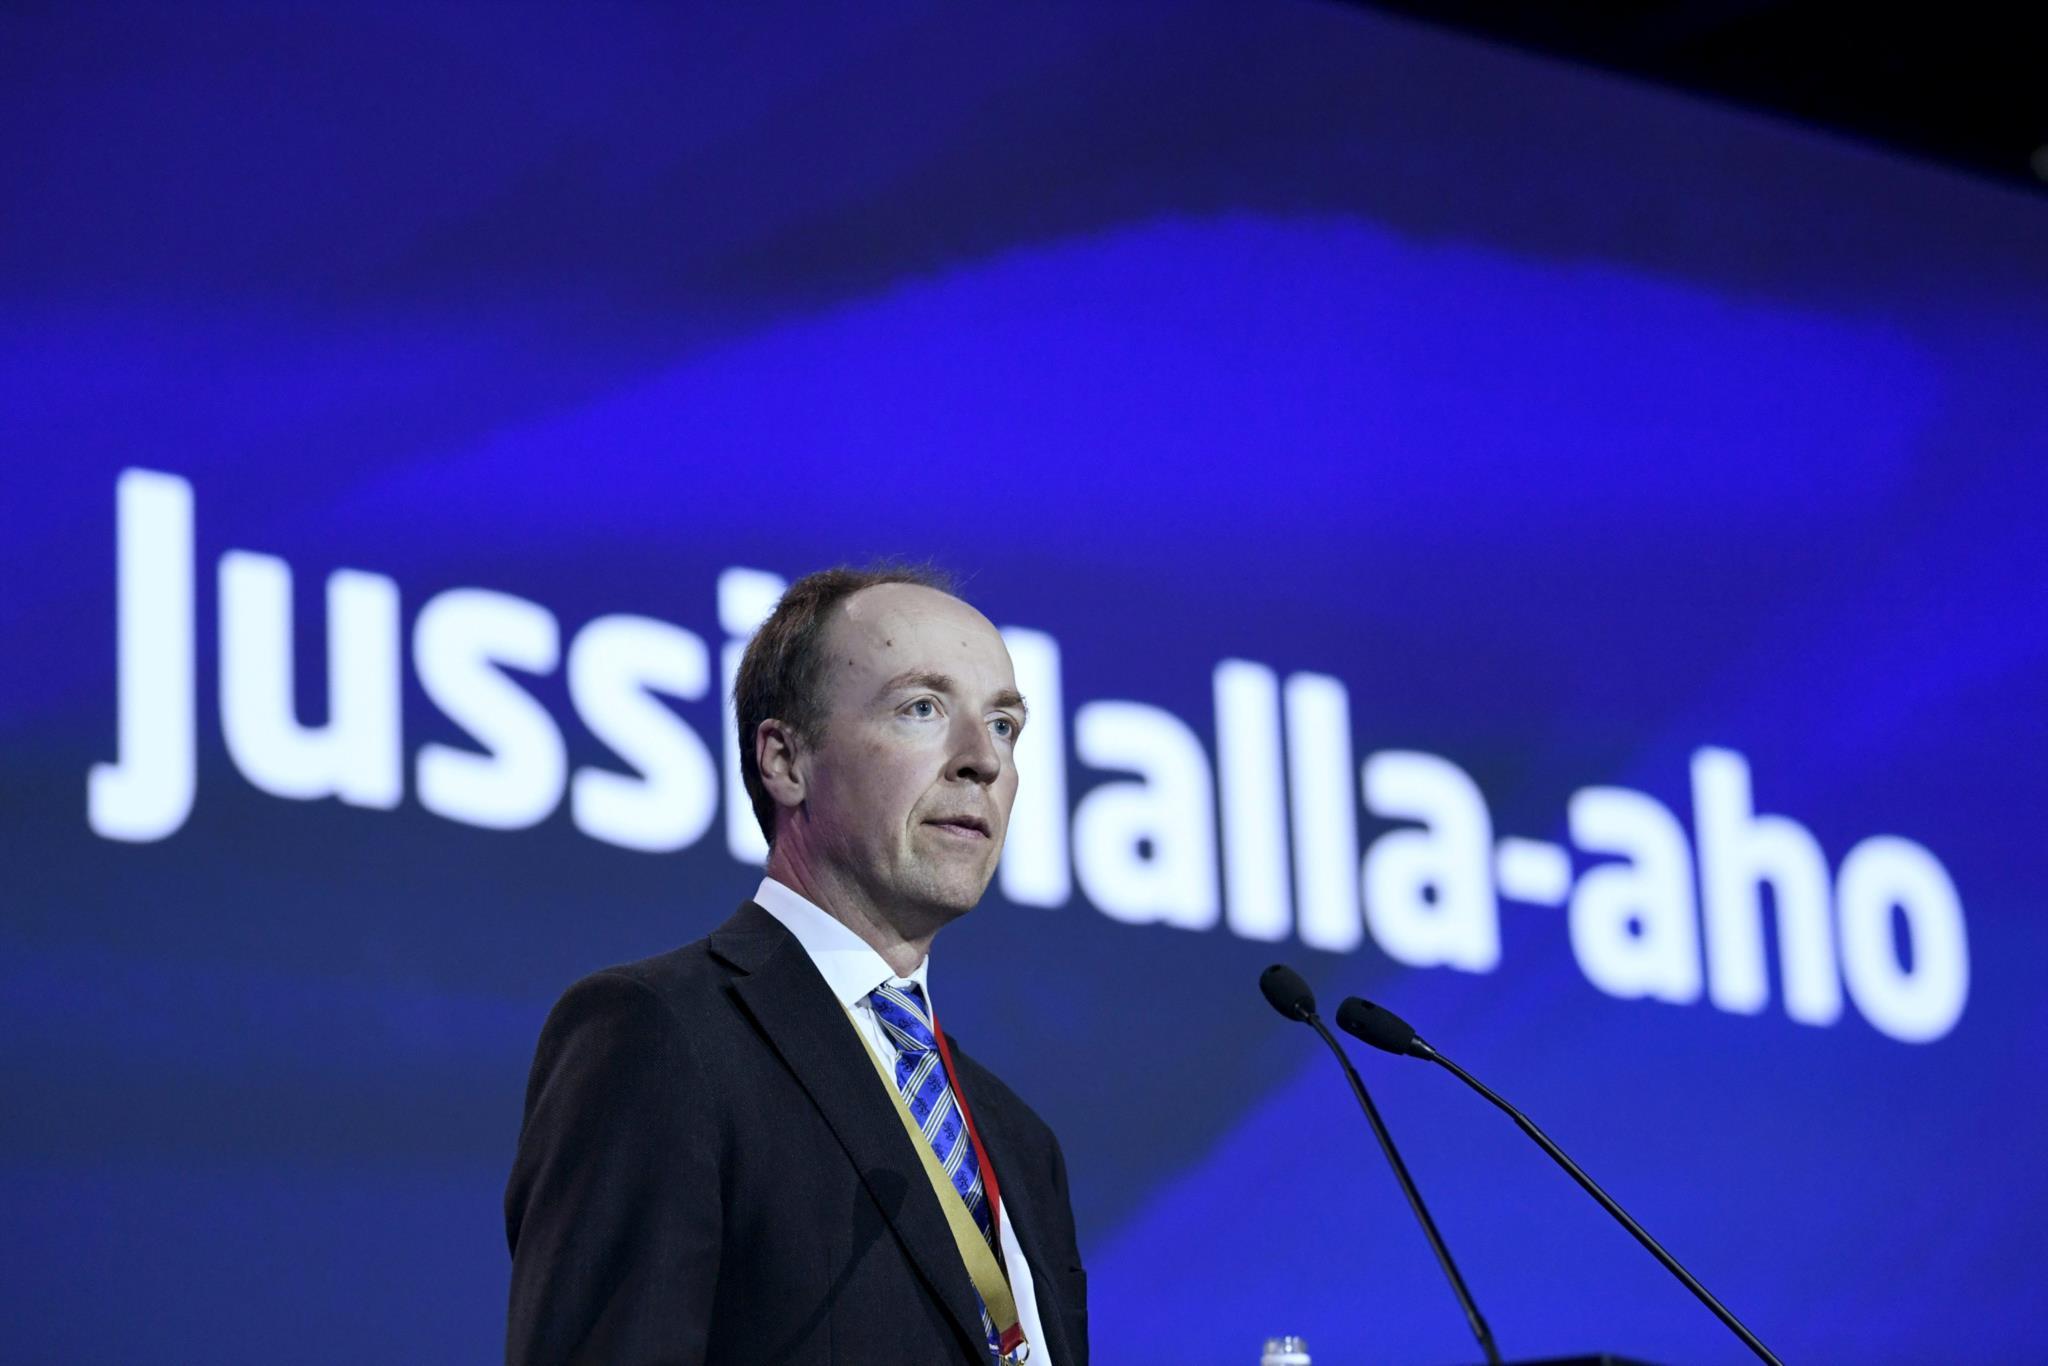 O novo líder dos Verdadeiros Finlandeses compara o islão à pedofilia.